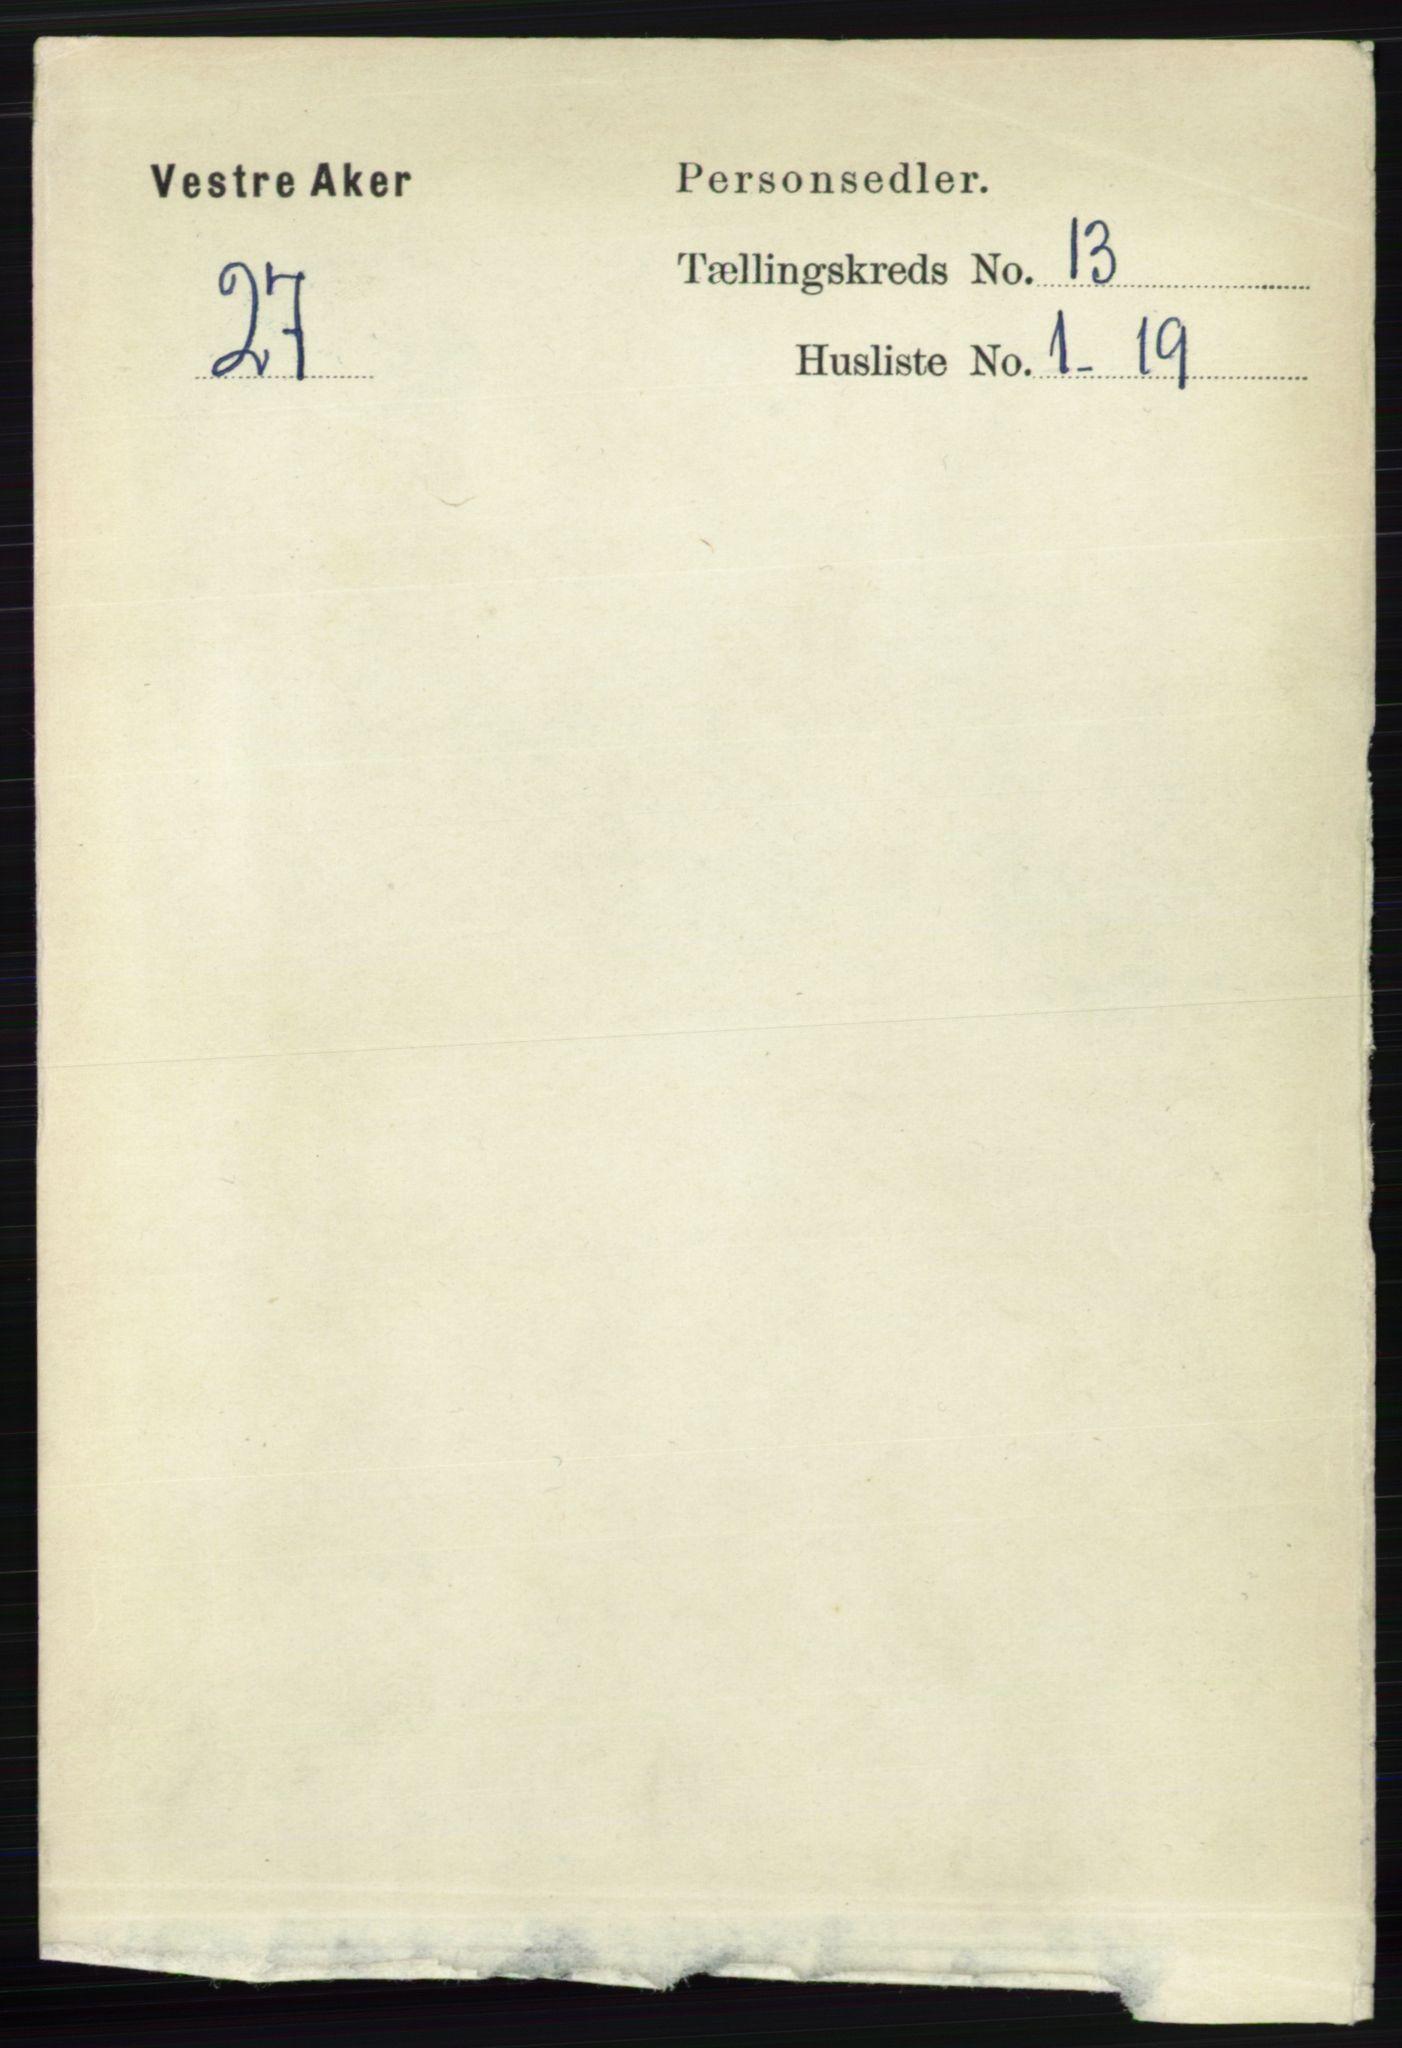 RA, Folketelling 1891 for 0218 Aker herred, 1891, s. 12109